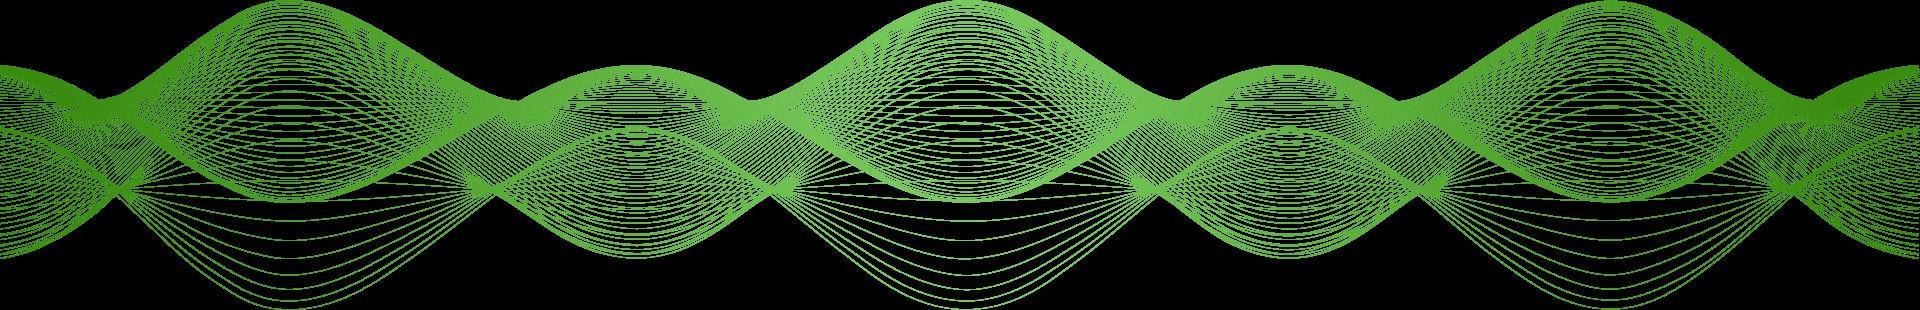 Narrowband IoT (NB-IoT) by InfiSIM